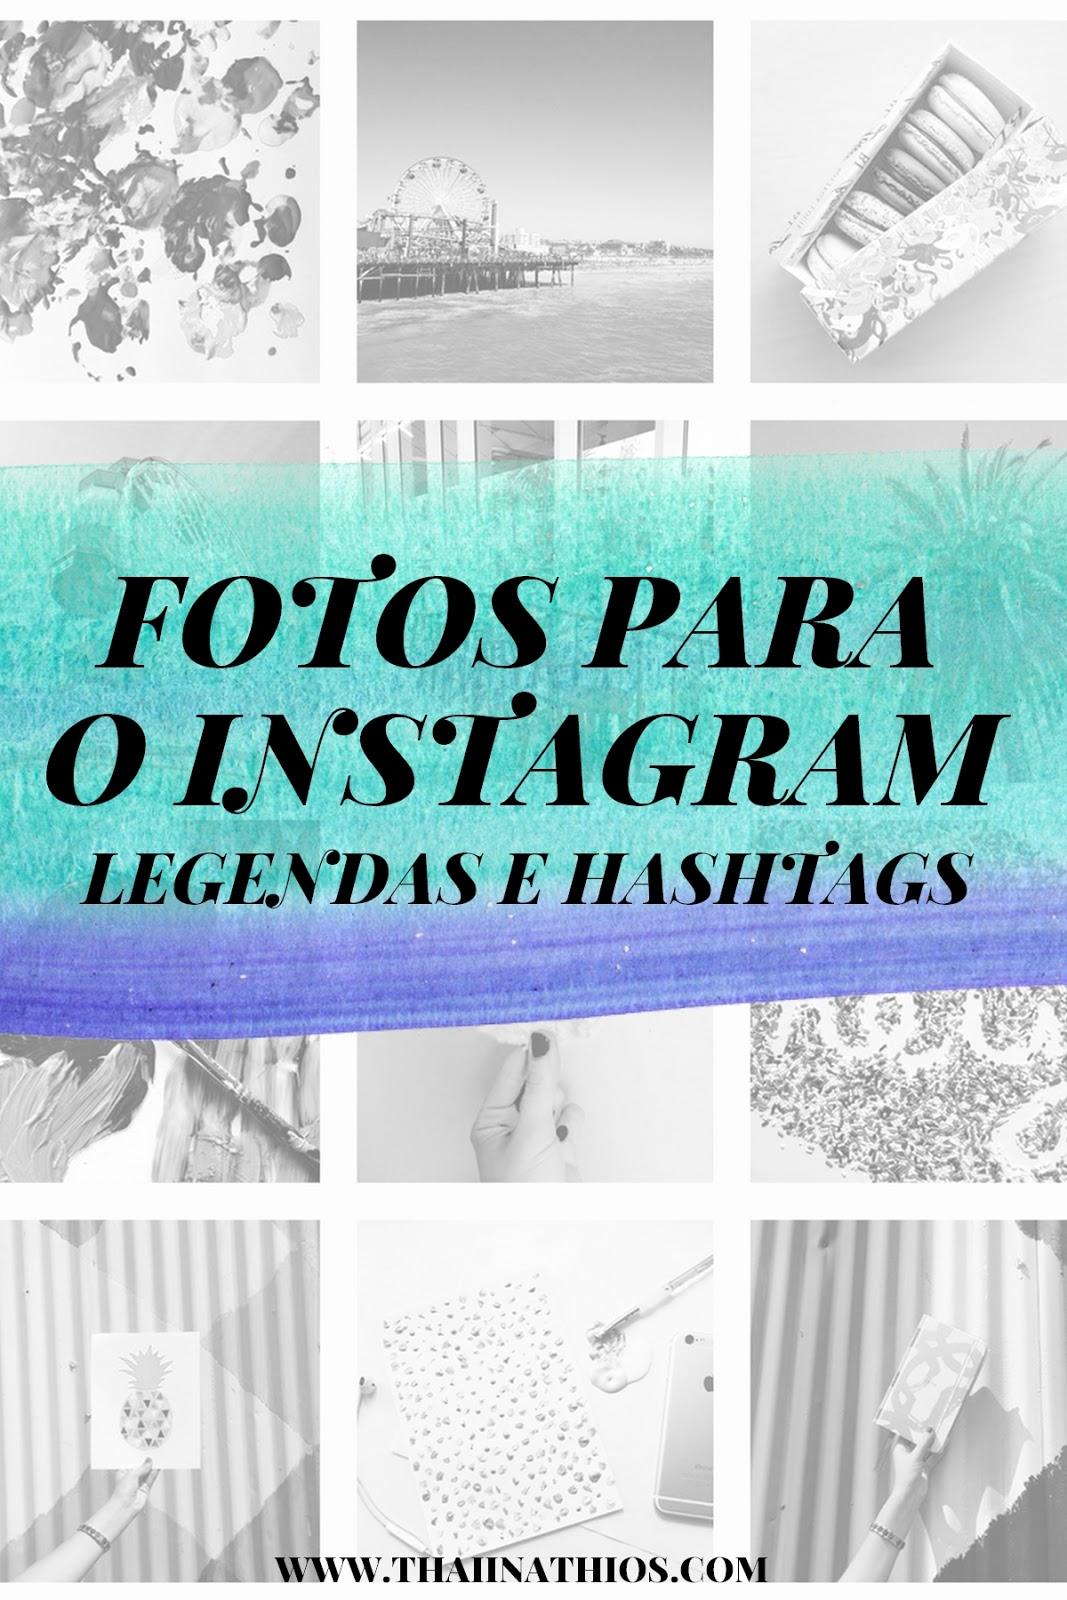 fotos-para-instagram-legendas-e-hashtags